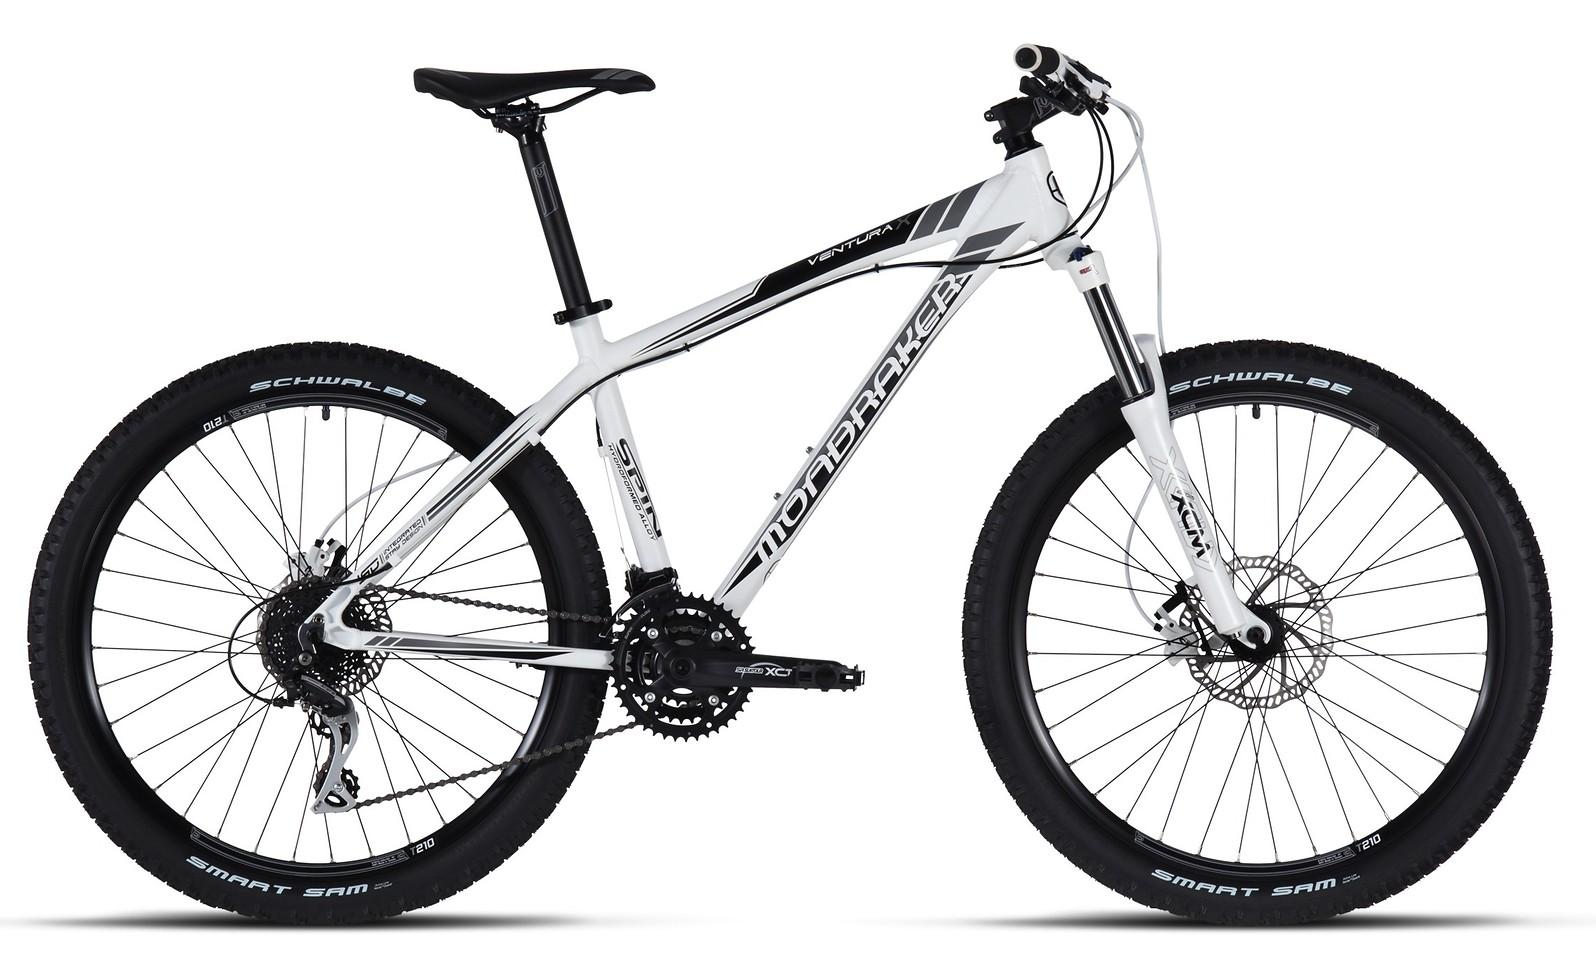 2013 Mondraker Ventura X Bike bike - mondraker ventura x